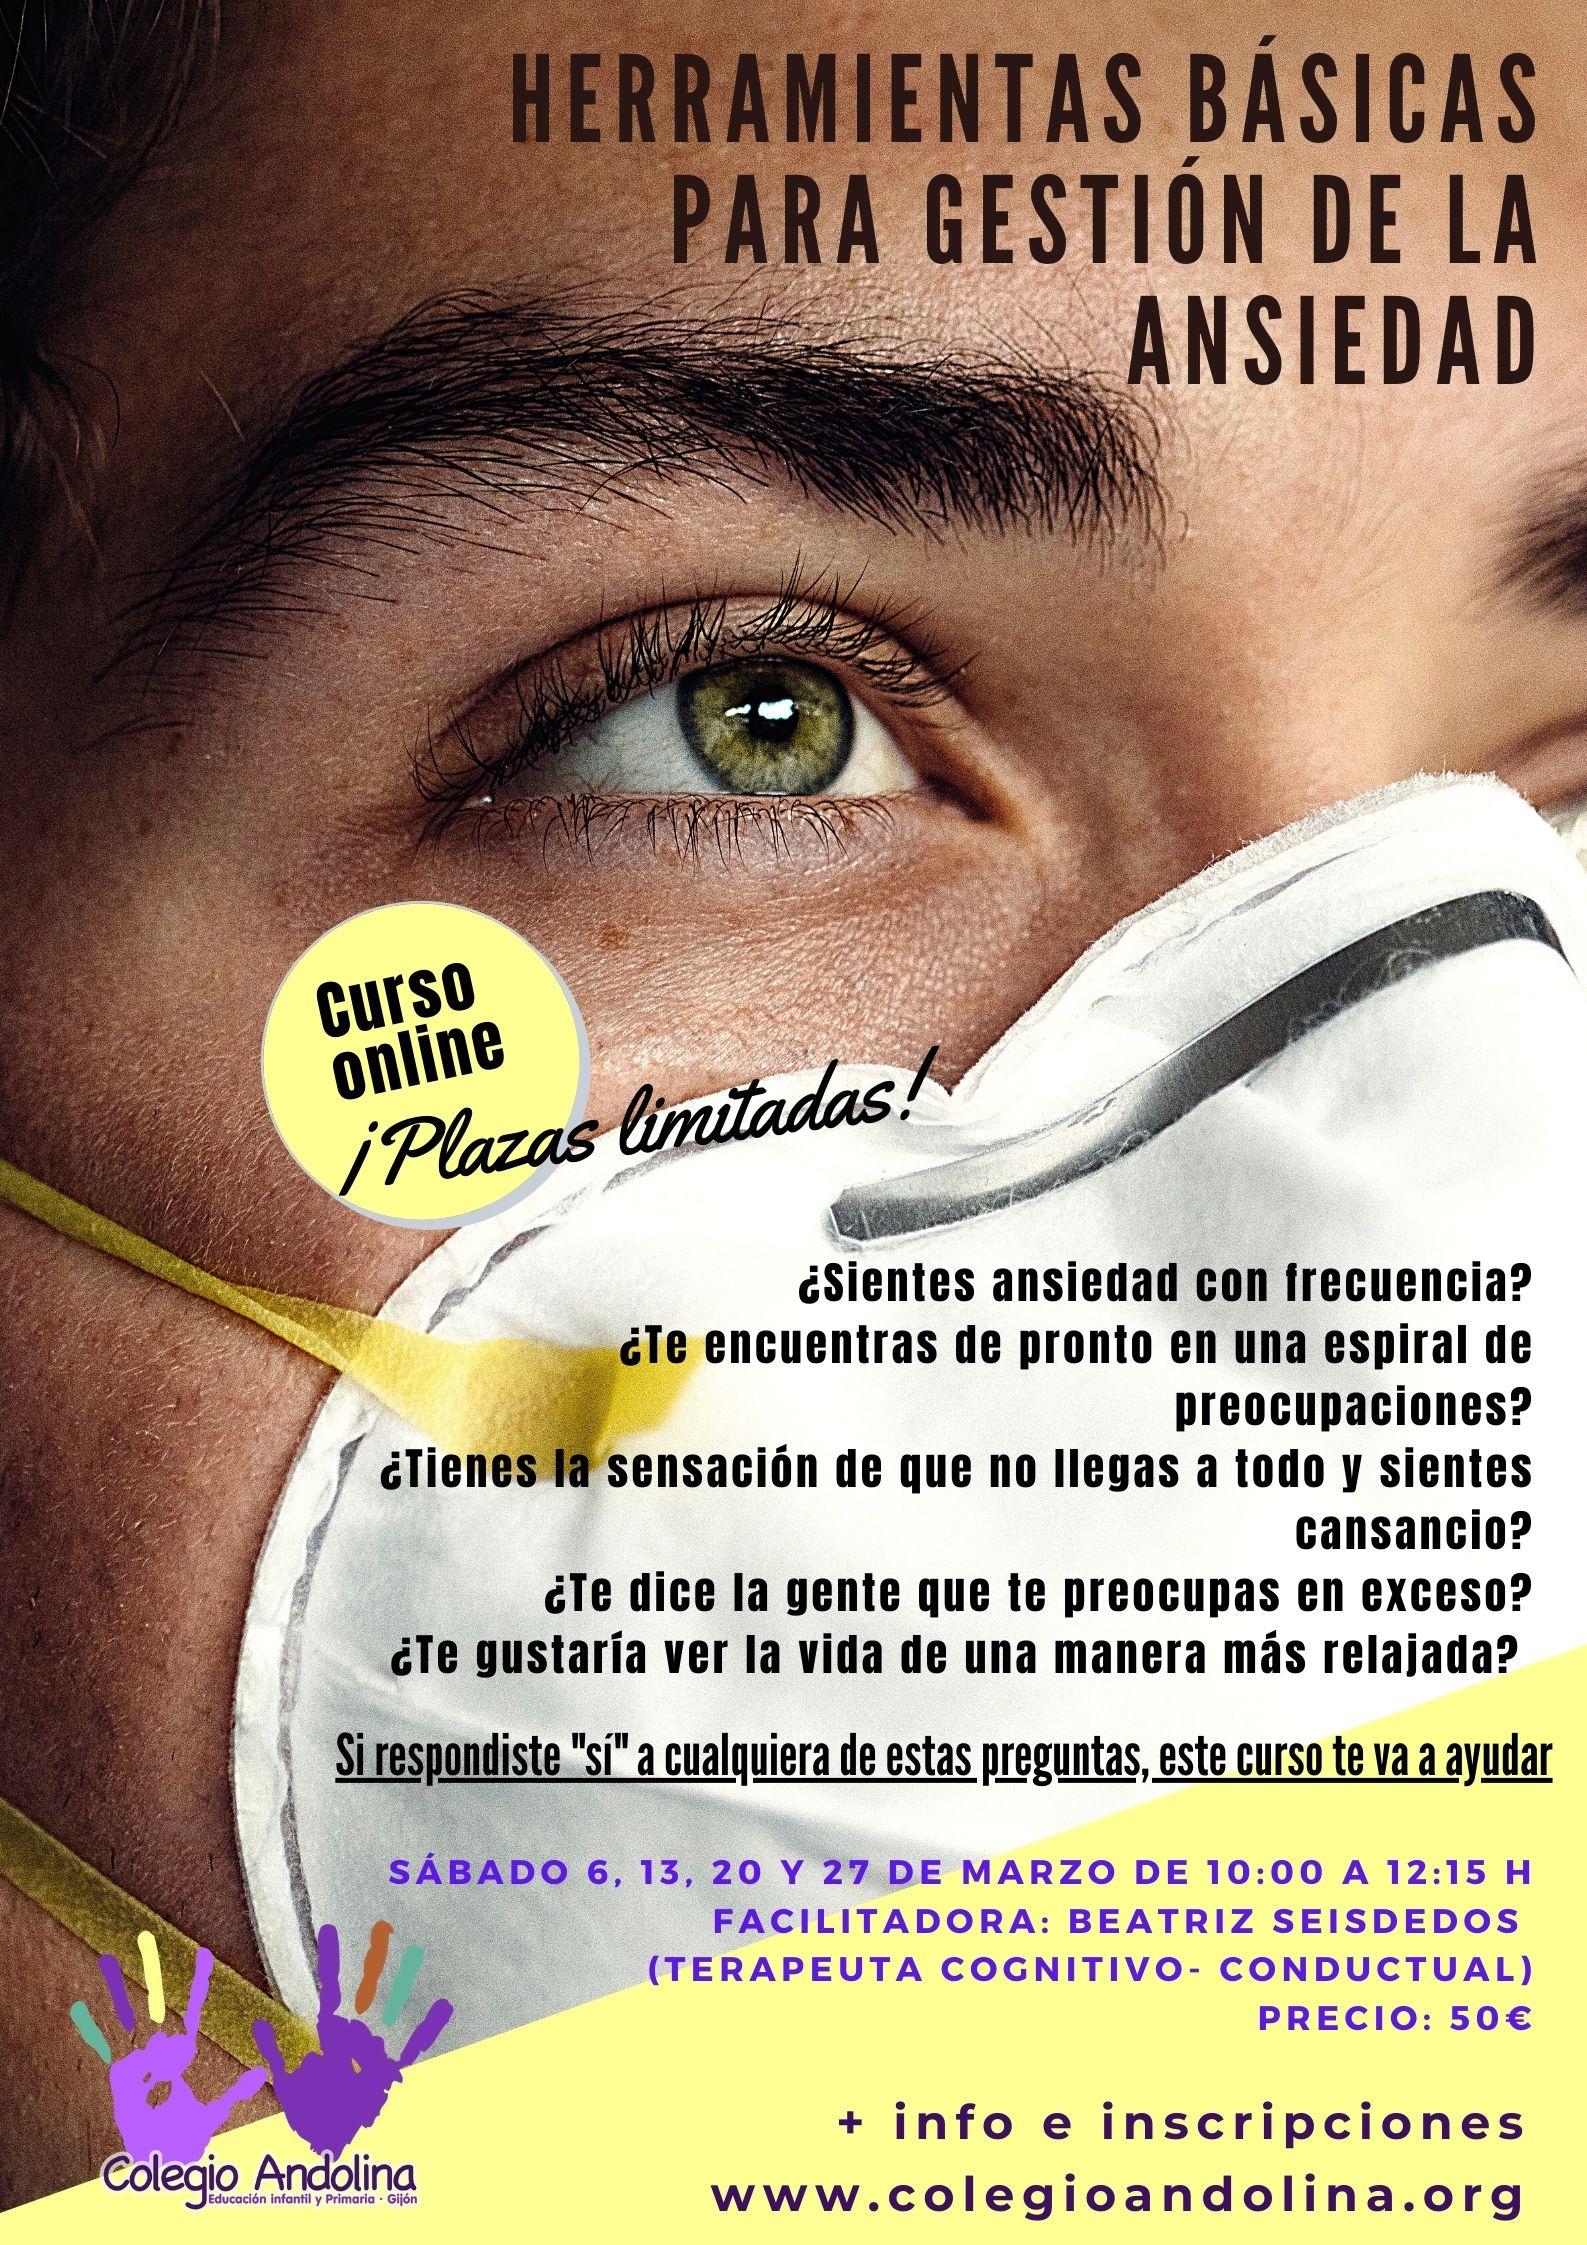 CURSO GESTIÓN DE ANSIEDAD EN ANDOLINA